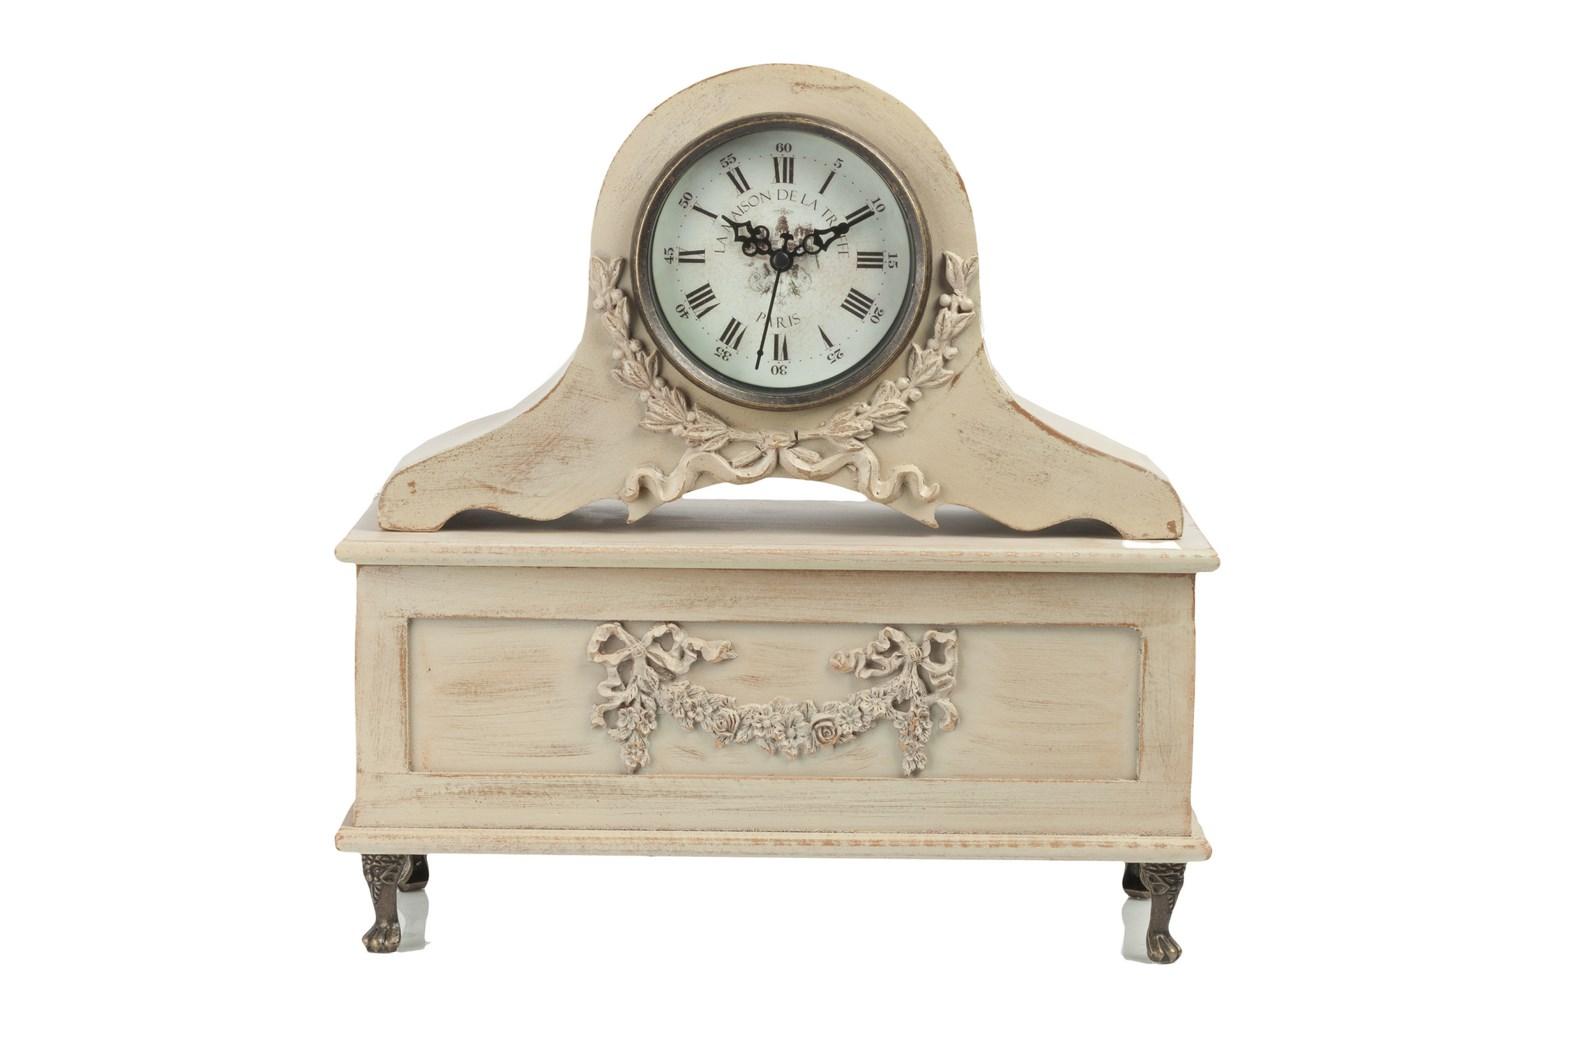 Настольные часы BahnhofНастольные часы<br>Настольные часы Bahnhof — многофункциональный элемент декора интерьера в стиле «Шебби-шик». С одной стороны, это уникальные и очаровательные часы, которые всегда подскажут вам время. С другой — шкатулка для хранения украшений или других ценных вещей. Она может стать вашим тайником. Аксессуар изготовлен из МДФ и стекла, по поверхности часов имеется изысканная резьба.&amp;lt;div&amp;gt;&amp;lt;br&amp;gt;&amp;lt;/div&amp;gt;&amp;lt;div&amp;gt;Материал: МДФ, Стекло.&amp;lt;br&amp;gt;&amp;lt;/div&amp;gt;<br><br>Material: МДФ<br>Length см: None<br>Width см: 33<br>Depth см: 15<br>Height см: 34<br>Diameter см: None